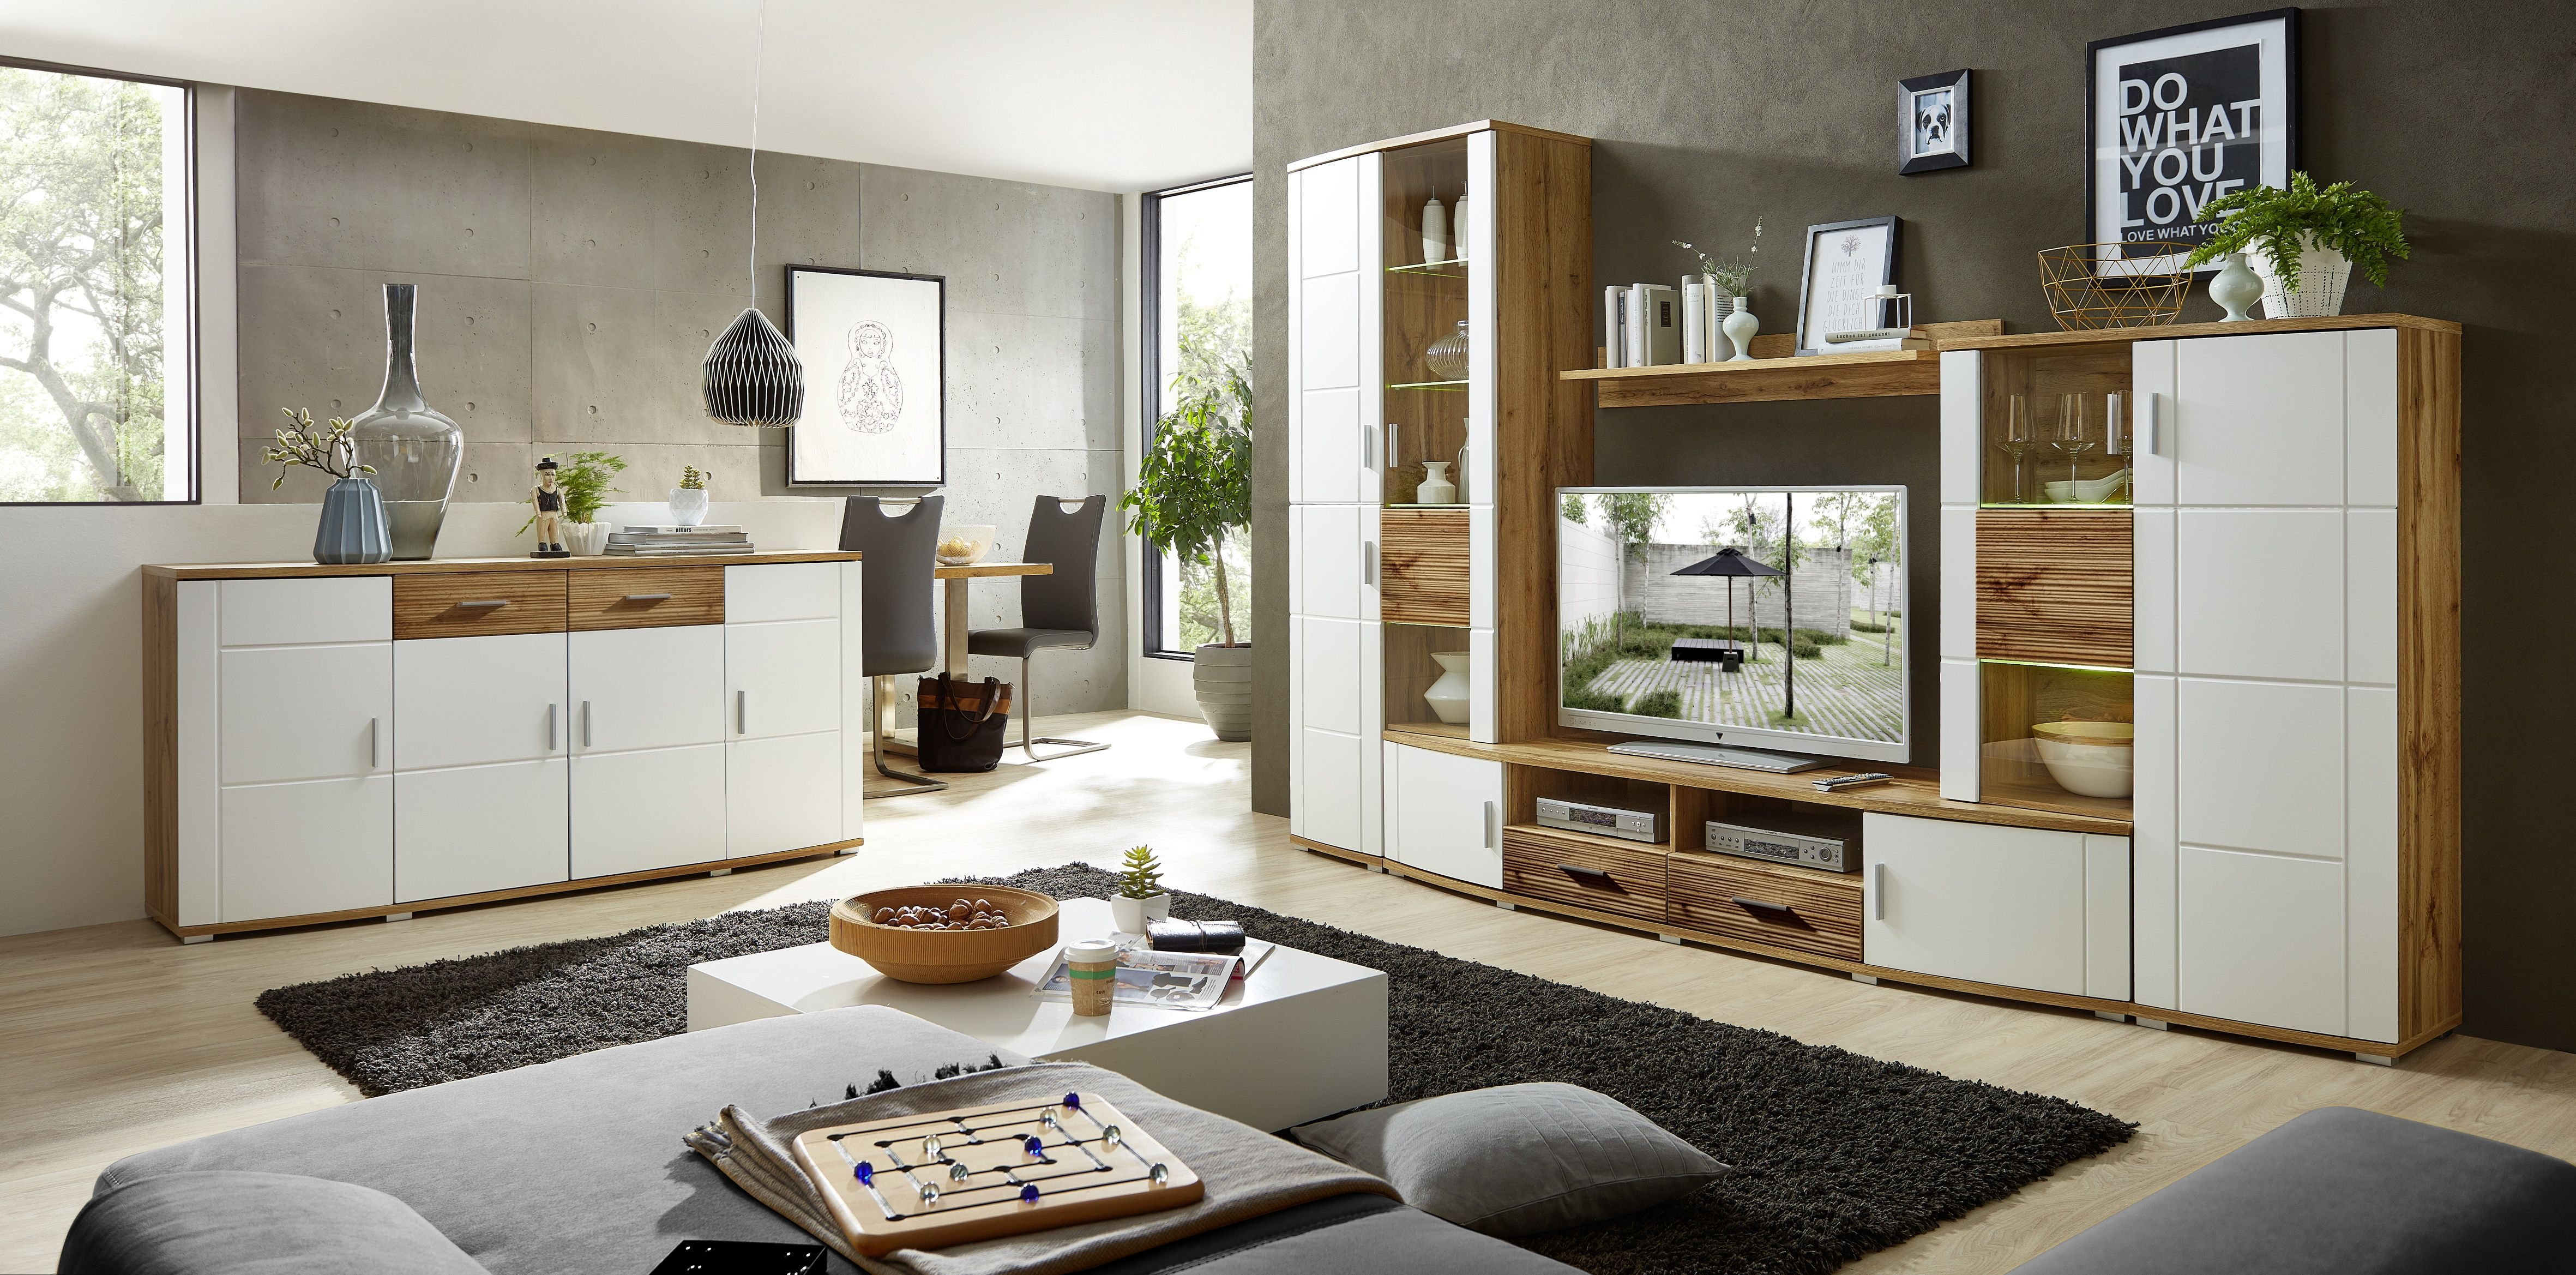 Wohnwand Mit Sideboard Weiss/ Eiche Altholz Geriffelt Und Beleuchtung Woody  22 01168 Modern Jetzt